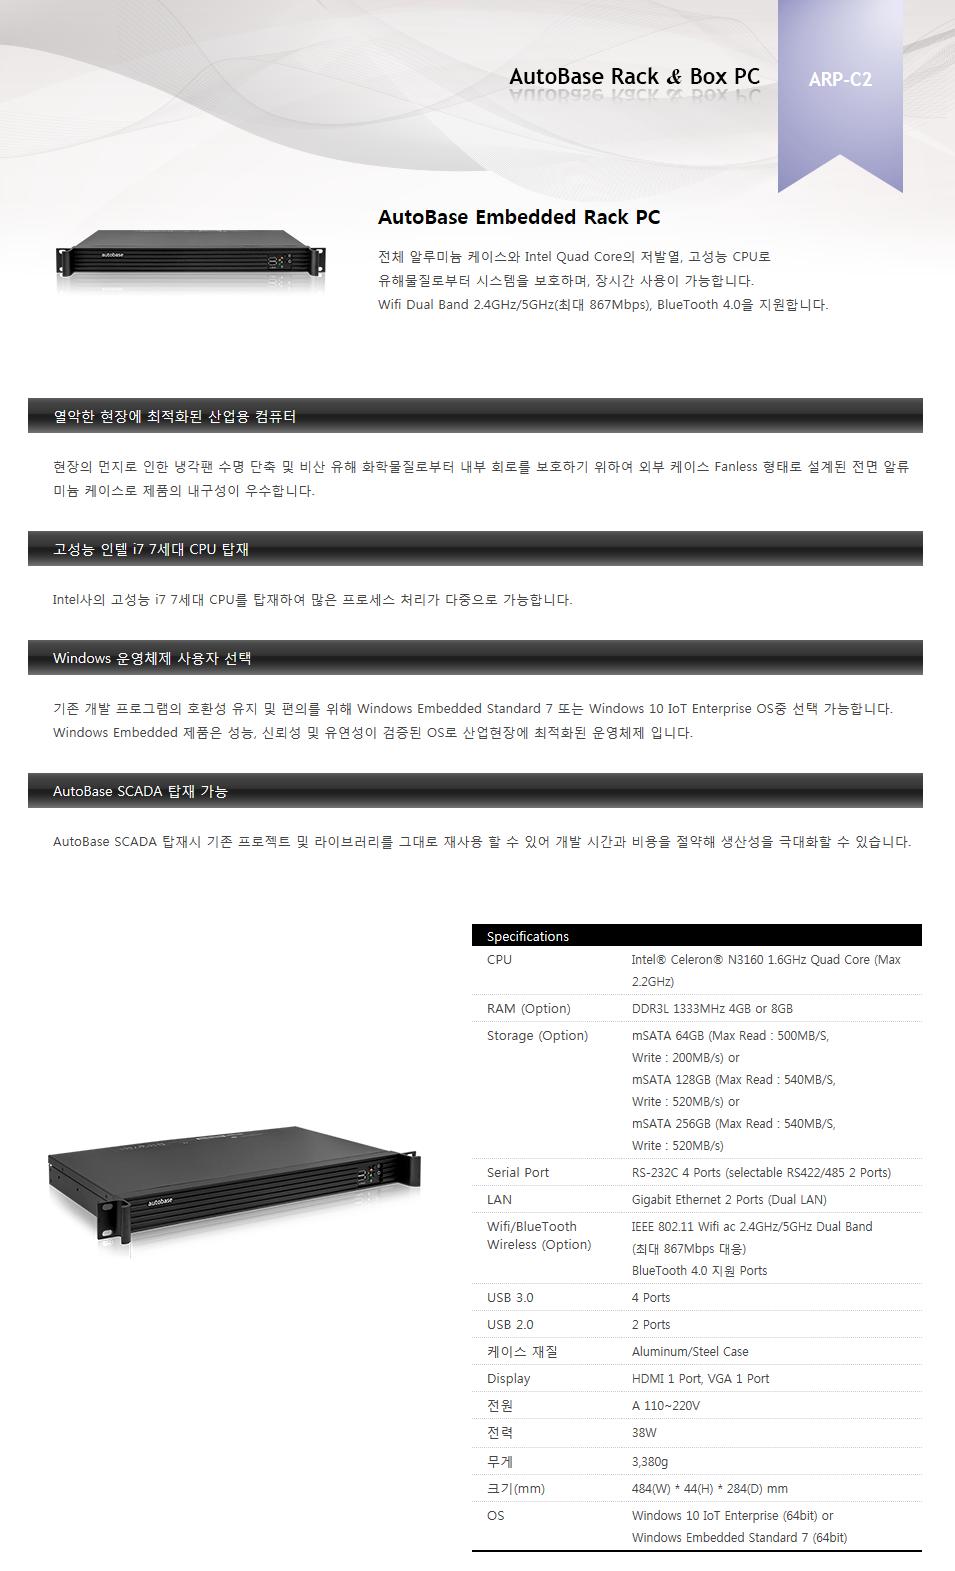 (주)오토베이스 AutoBase Embedded Rack PC ARP-C2